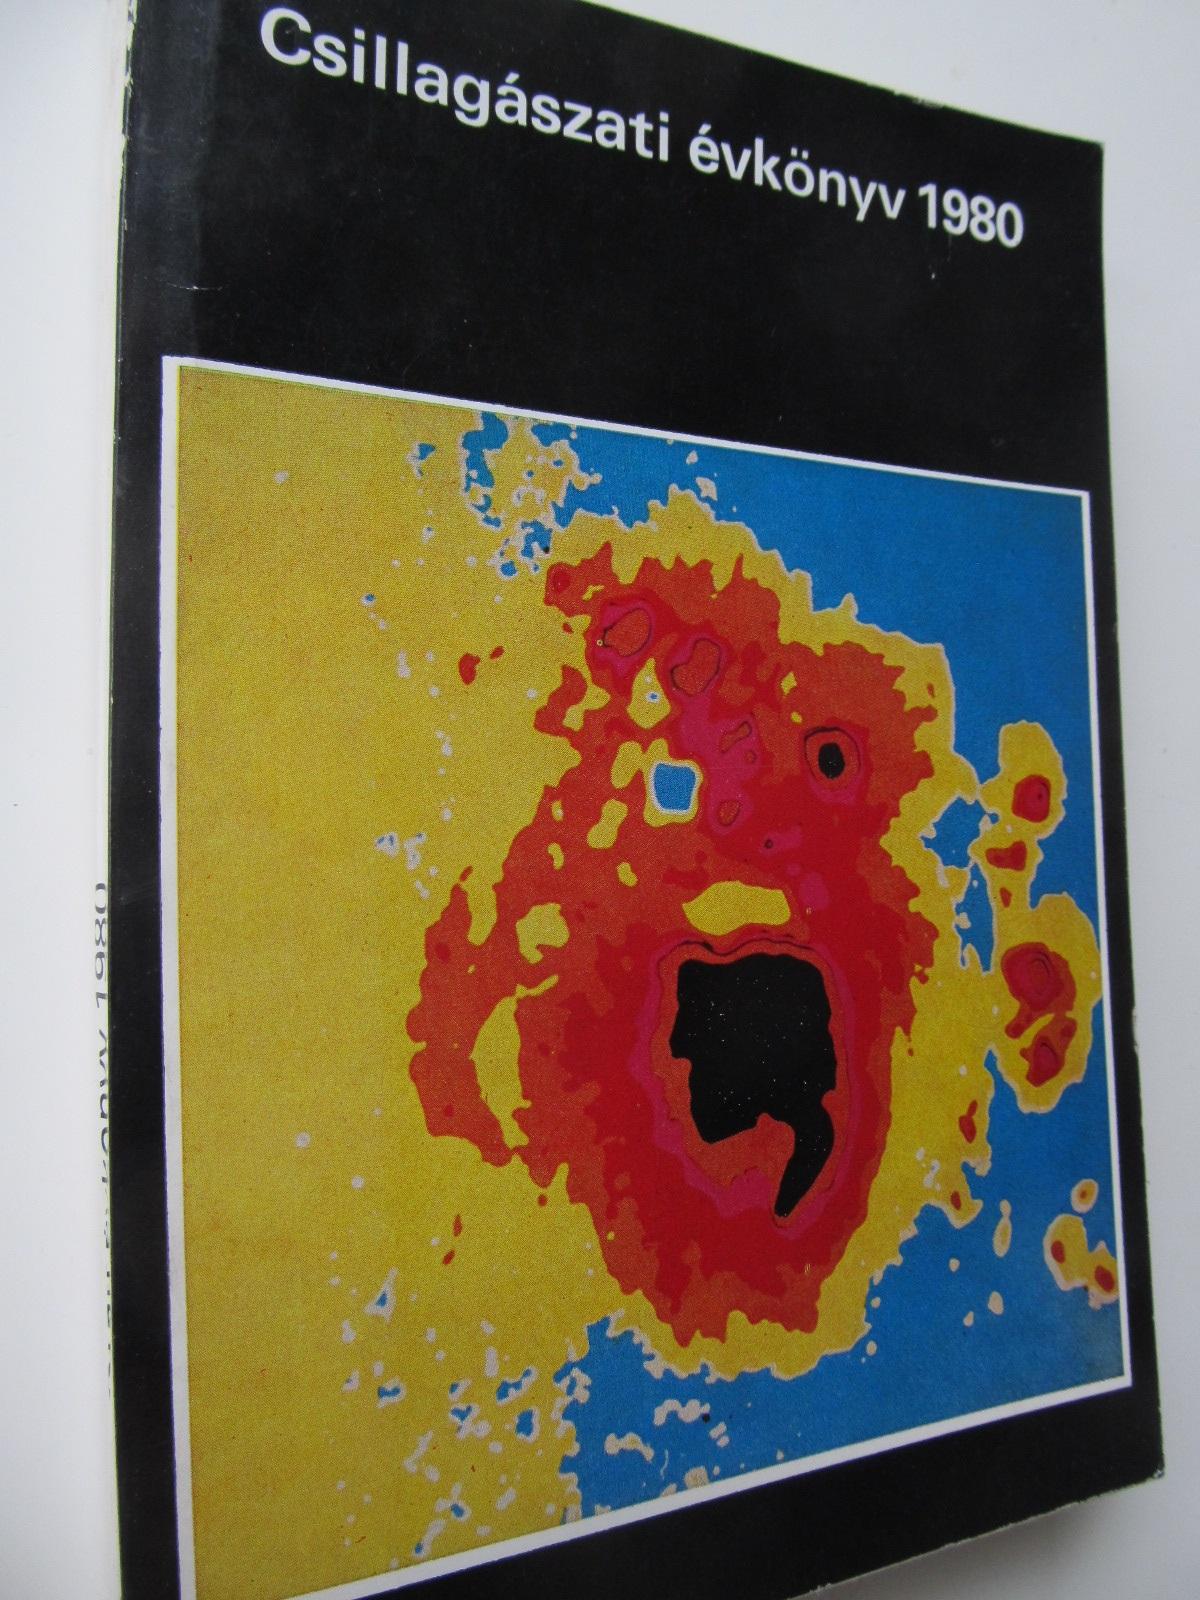 Csillagaszati evkonyv 1980 - *** | Detalii carte